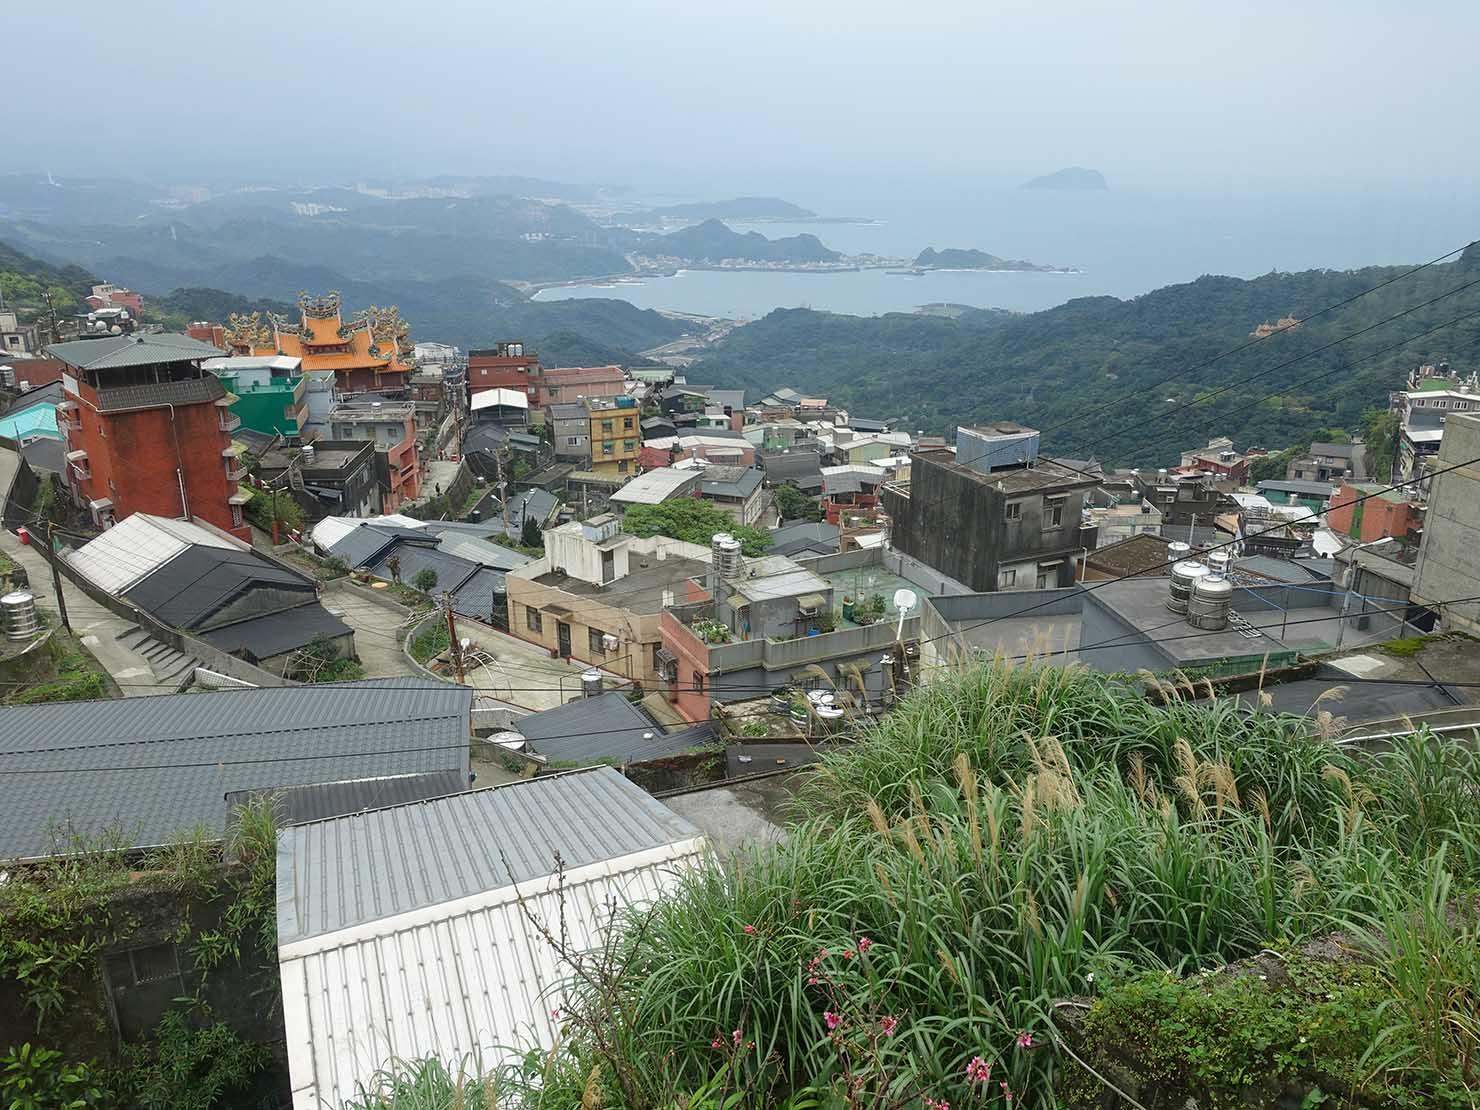 台北・九份のおすすめゲストハウス「九份小町」海景套房(オーシャンビュー・ダブルルーム)から眺める台湾北海岸